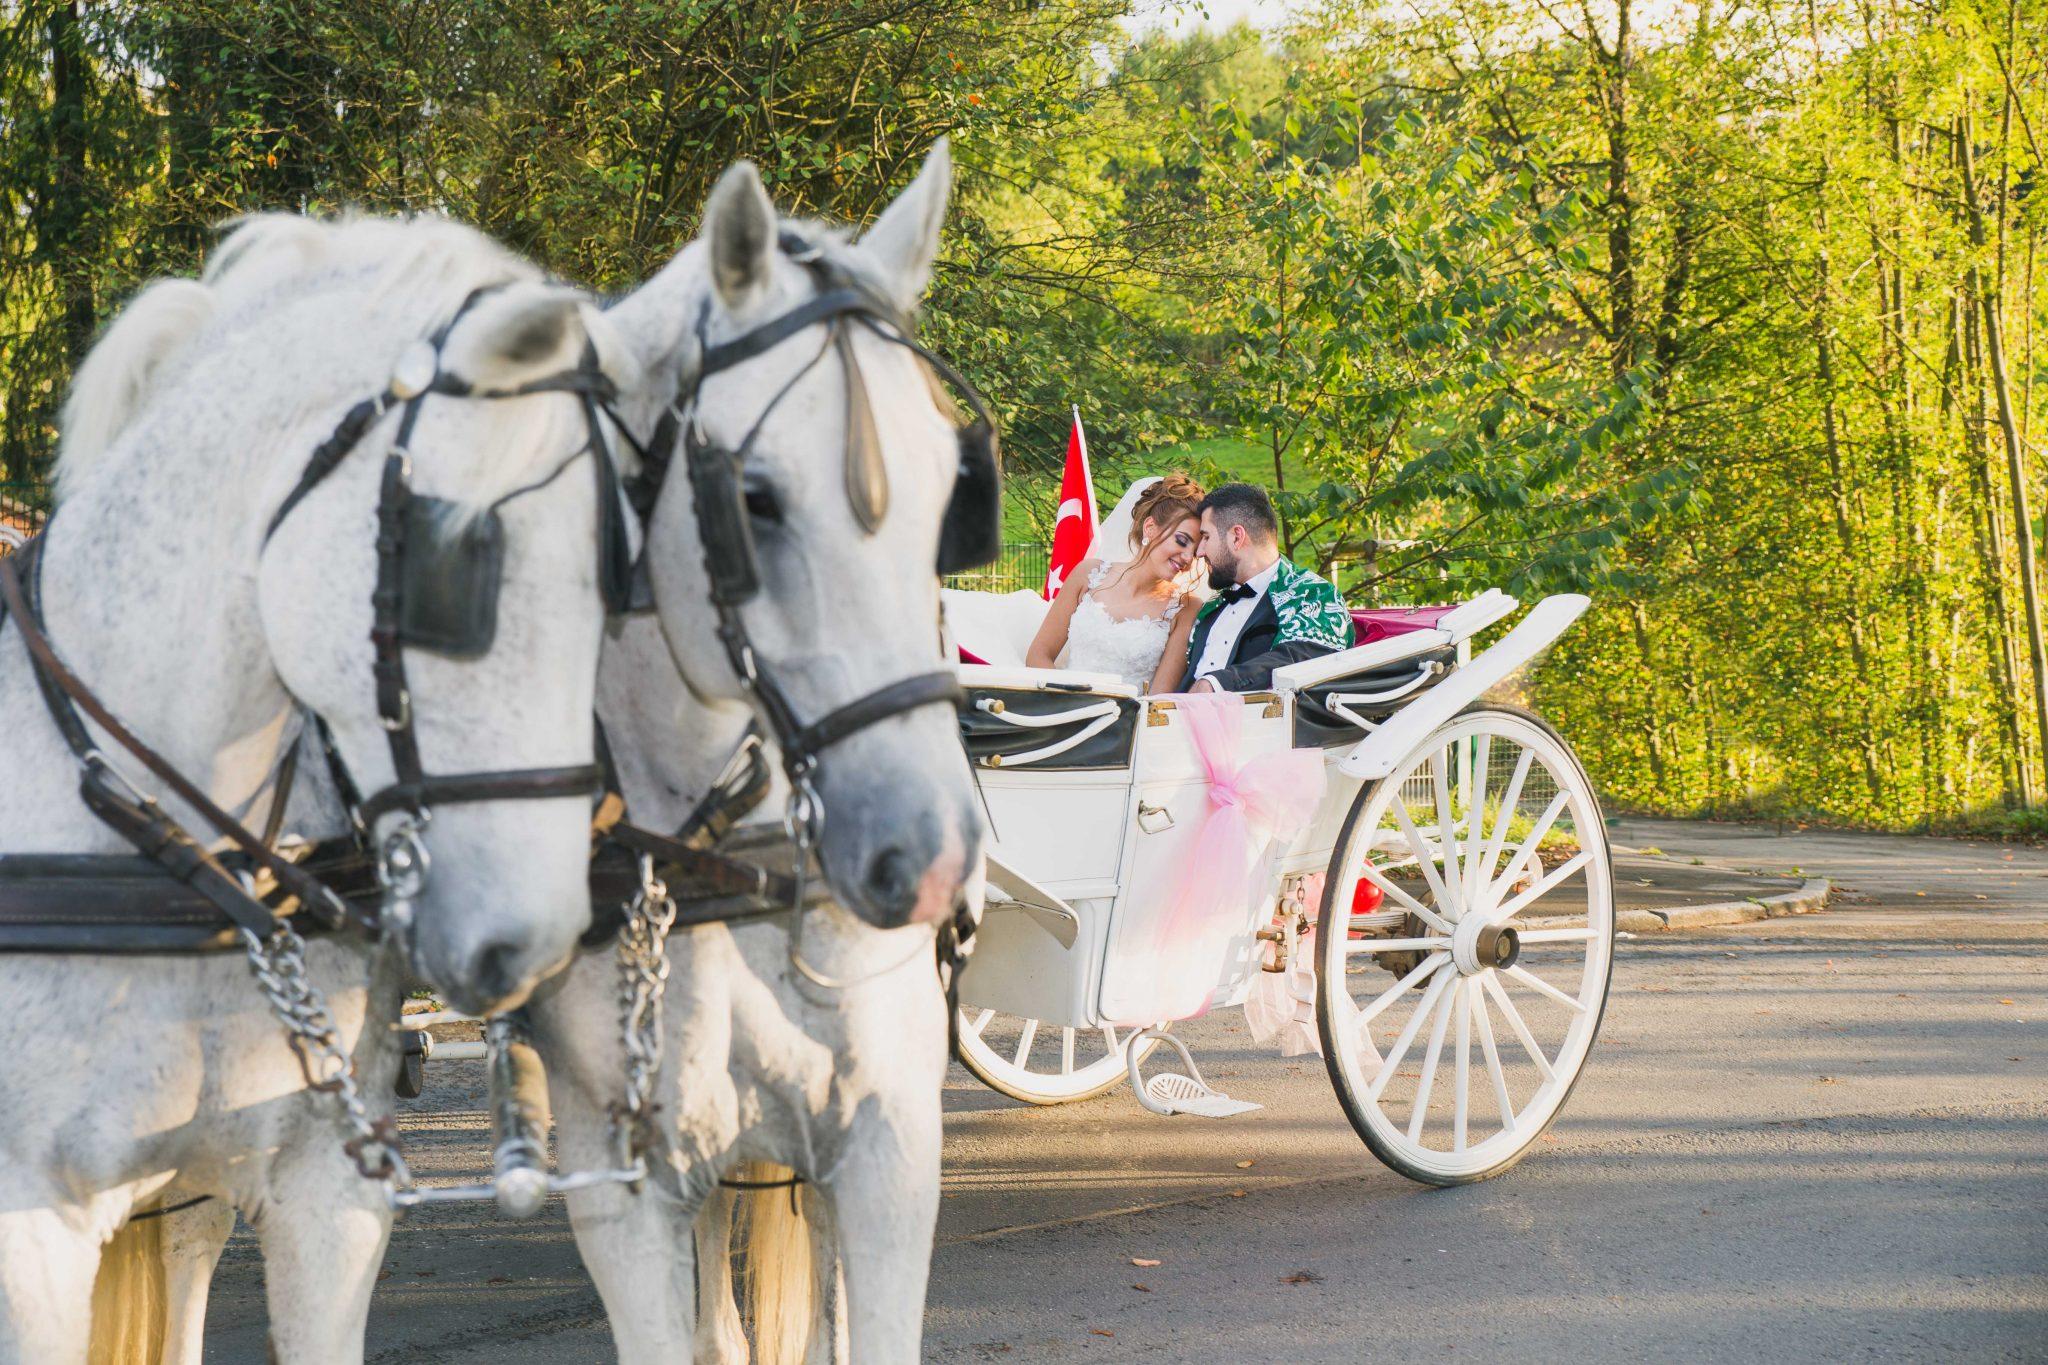 türkischer fotograf hochzeitsfotograf fotografiert türkisches brautpaar auf pferdekutsche in werdohl cici saray gelin ve damat payton dügün fotografcisi